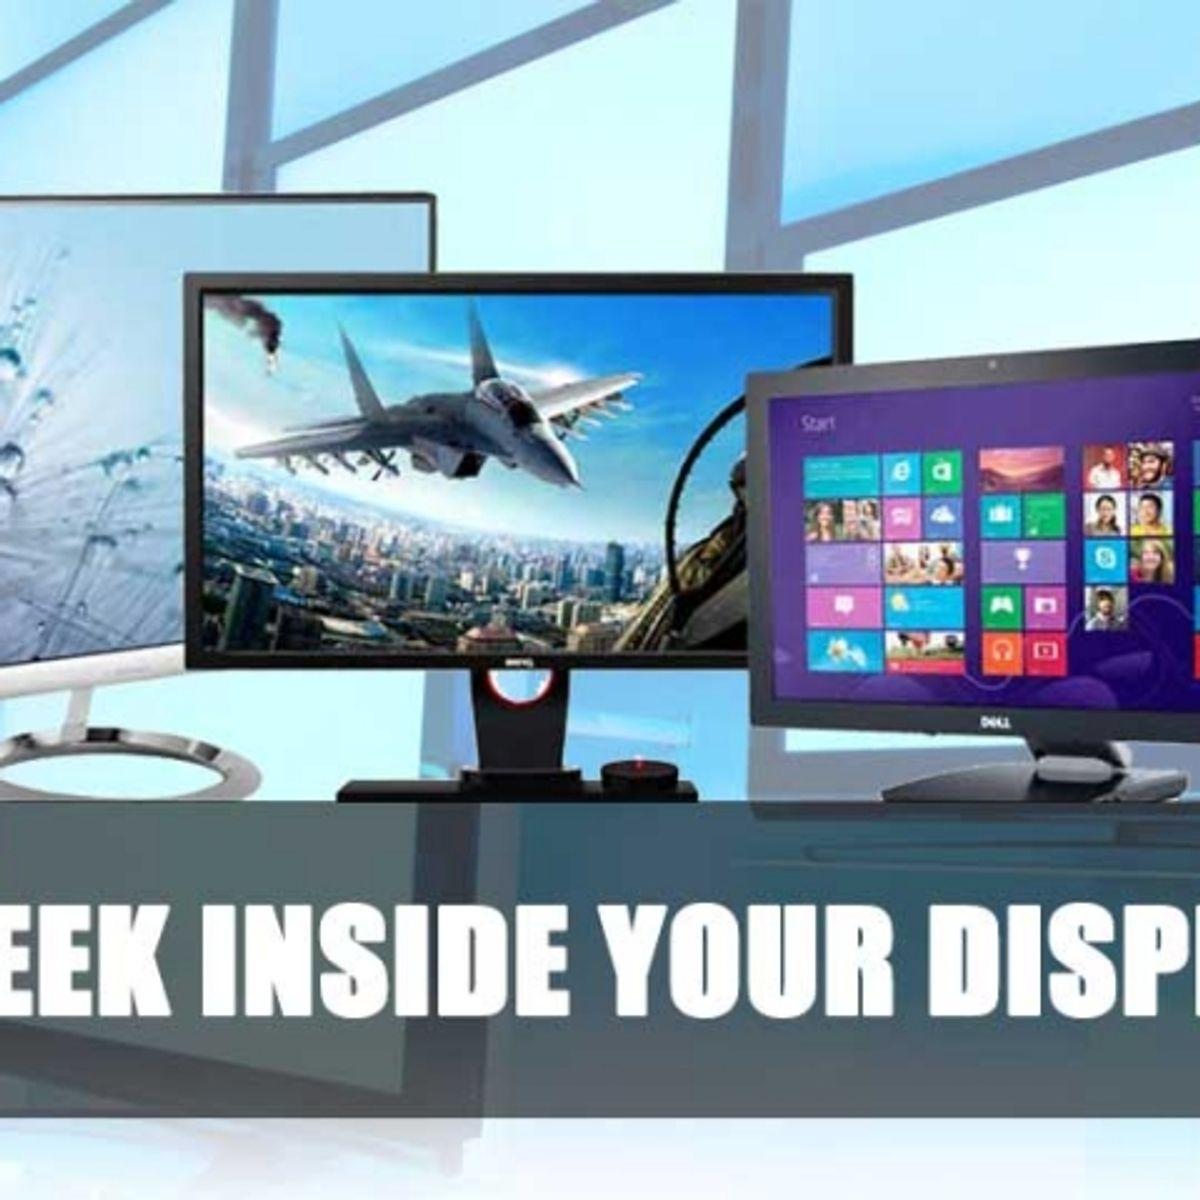 In Depth: A peek inside your display | Digit